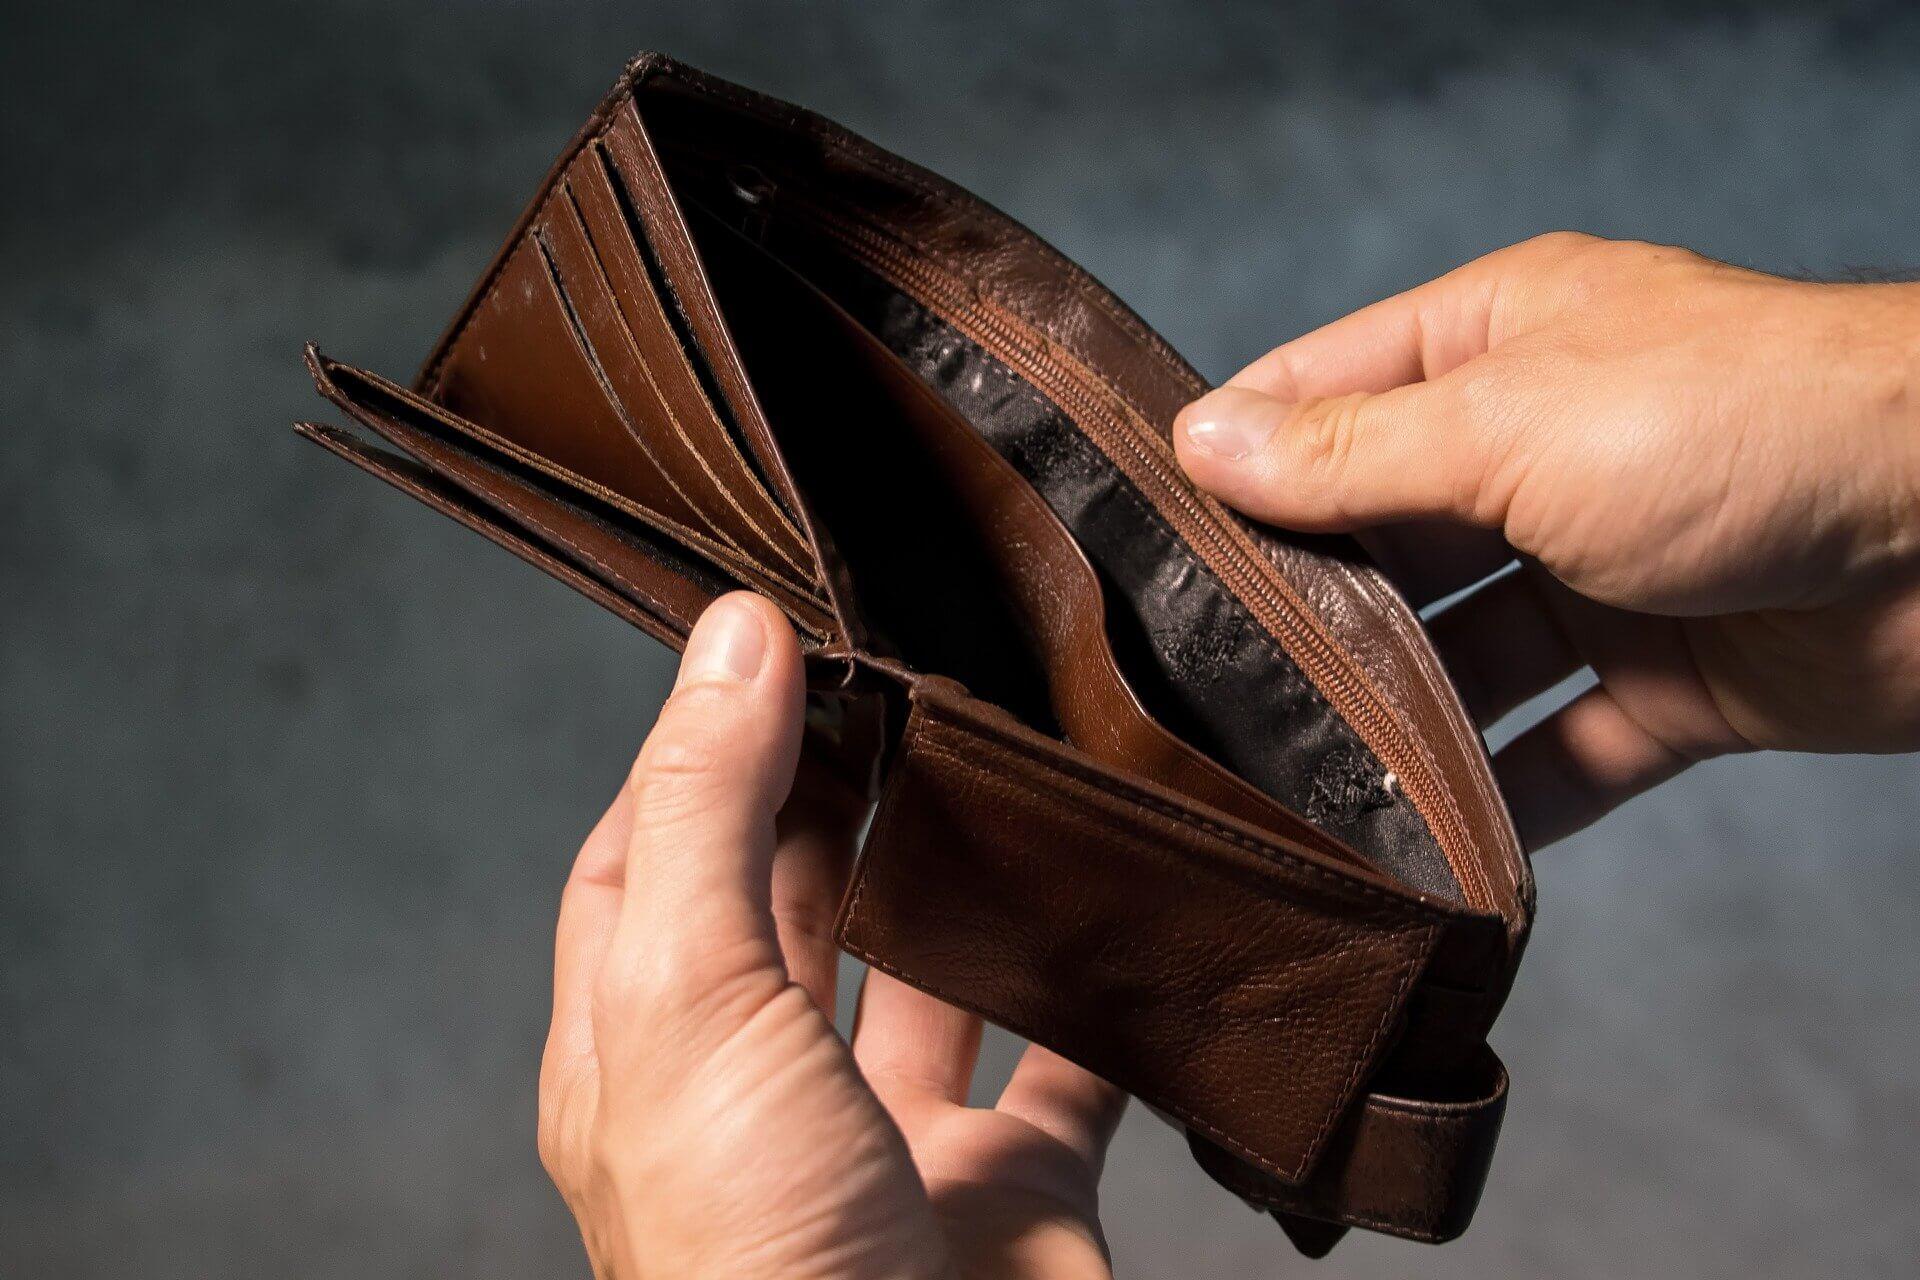 【初心者向け】給与ファクタリングは利用しても大丈夫?事前に知っておきたいこと・探し方